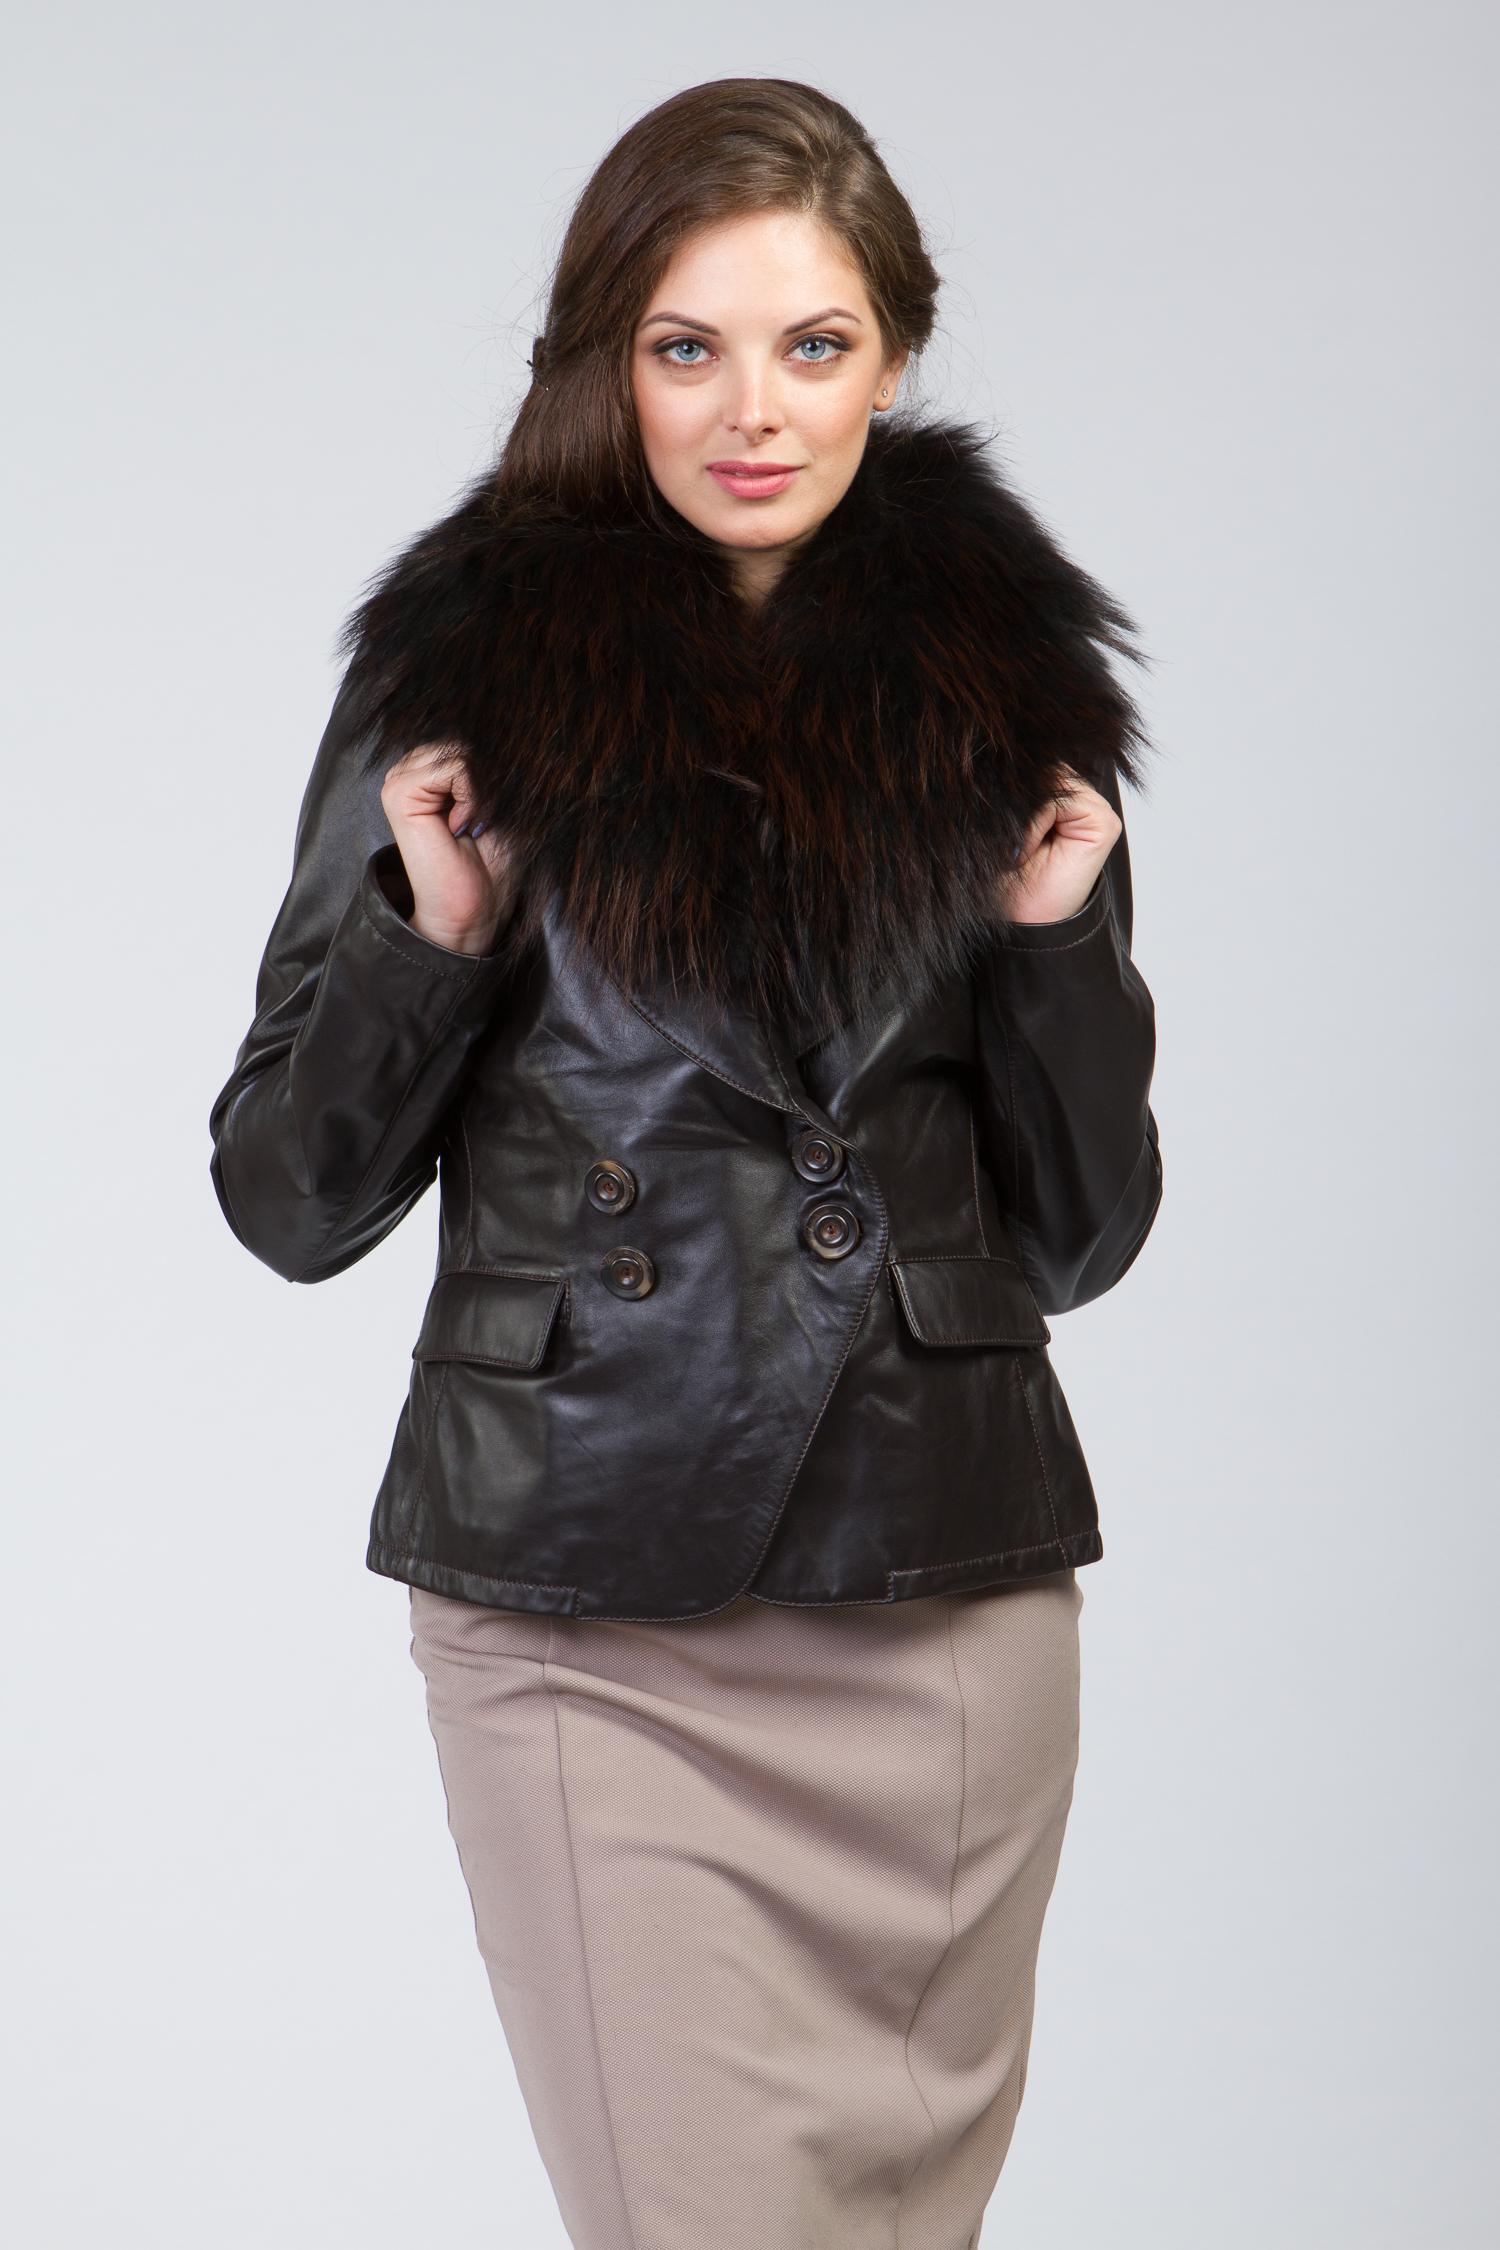 Женская кожаная куртка из натуральной кожи с воротником, отделка енот